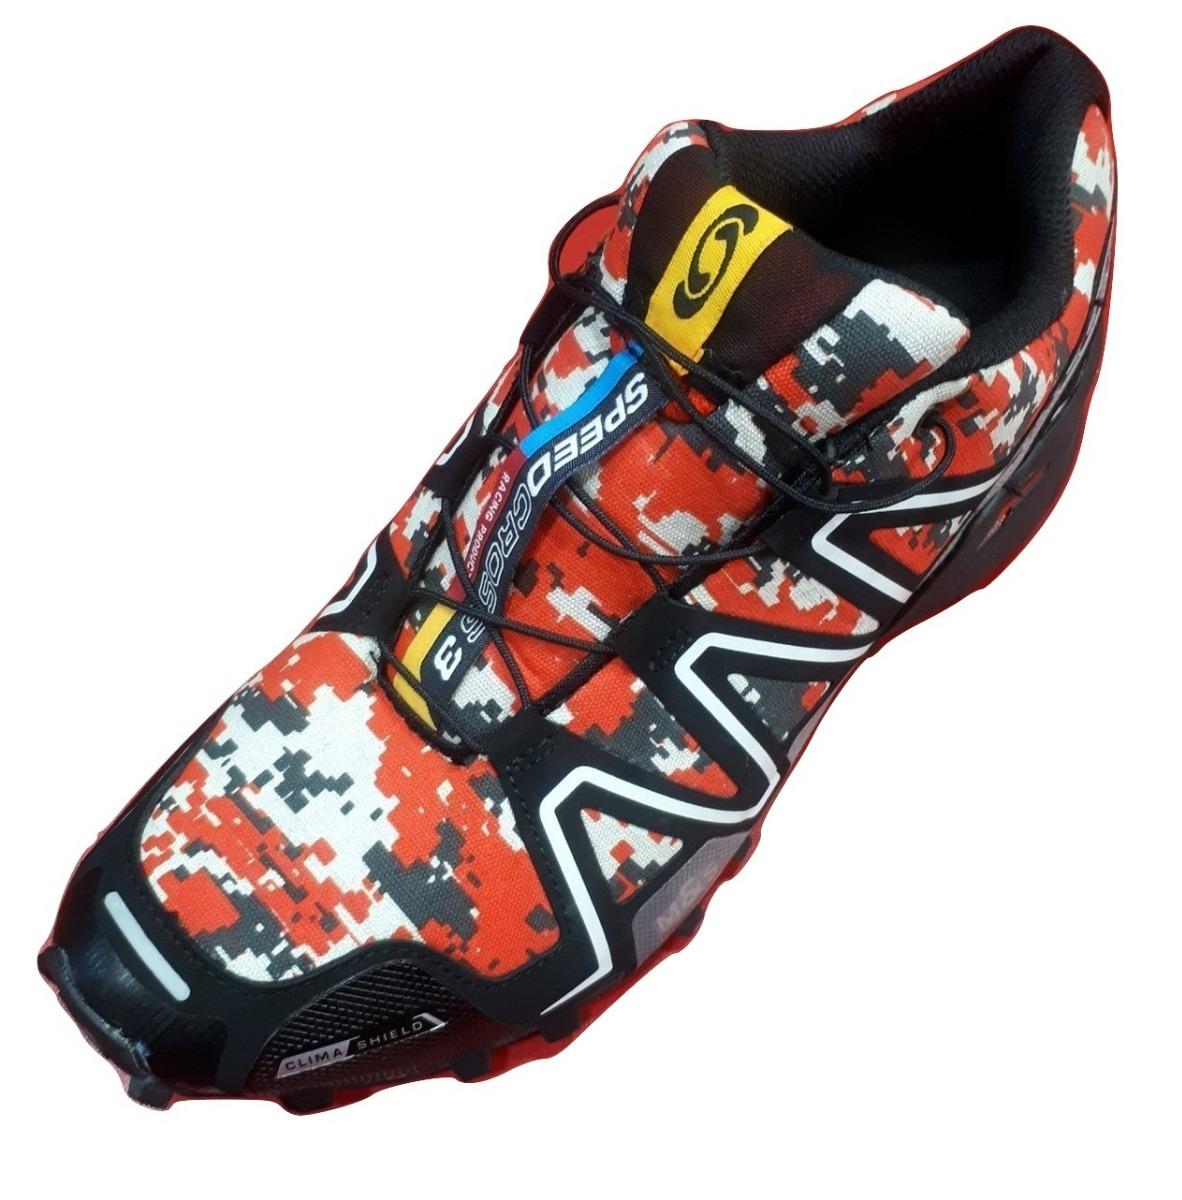 8824c7664c488 zapatillas salomon speedcross 3 modelos 2018 envío gratis.!! Cargando zoom.